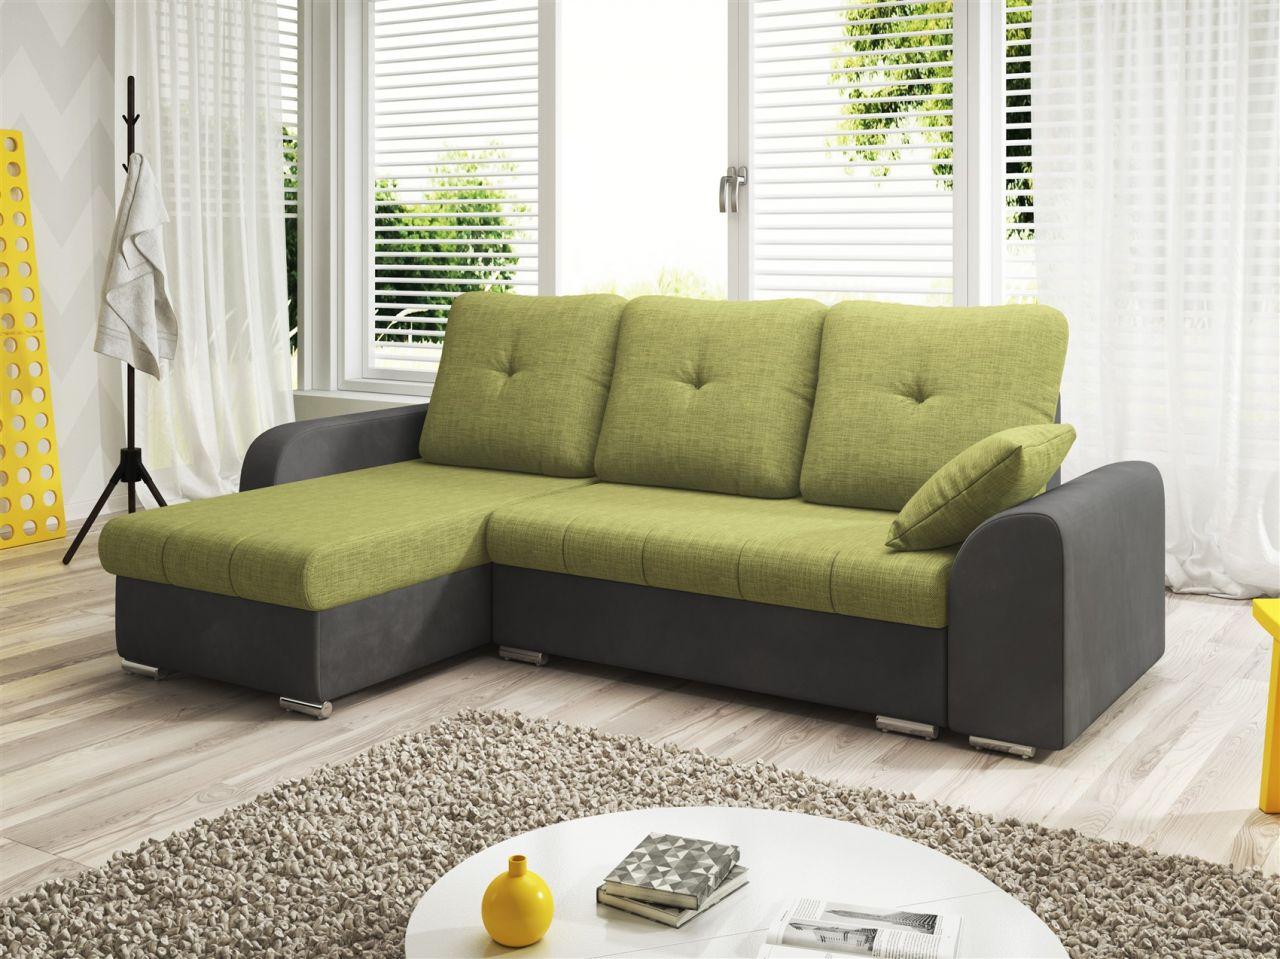 ecksofa sofa dekos mit schlaffunktion grau olivgr n. Black Bedroom Furniture Sets. Home Design Ideas